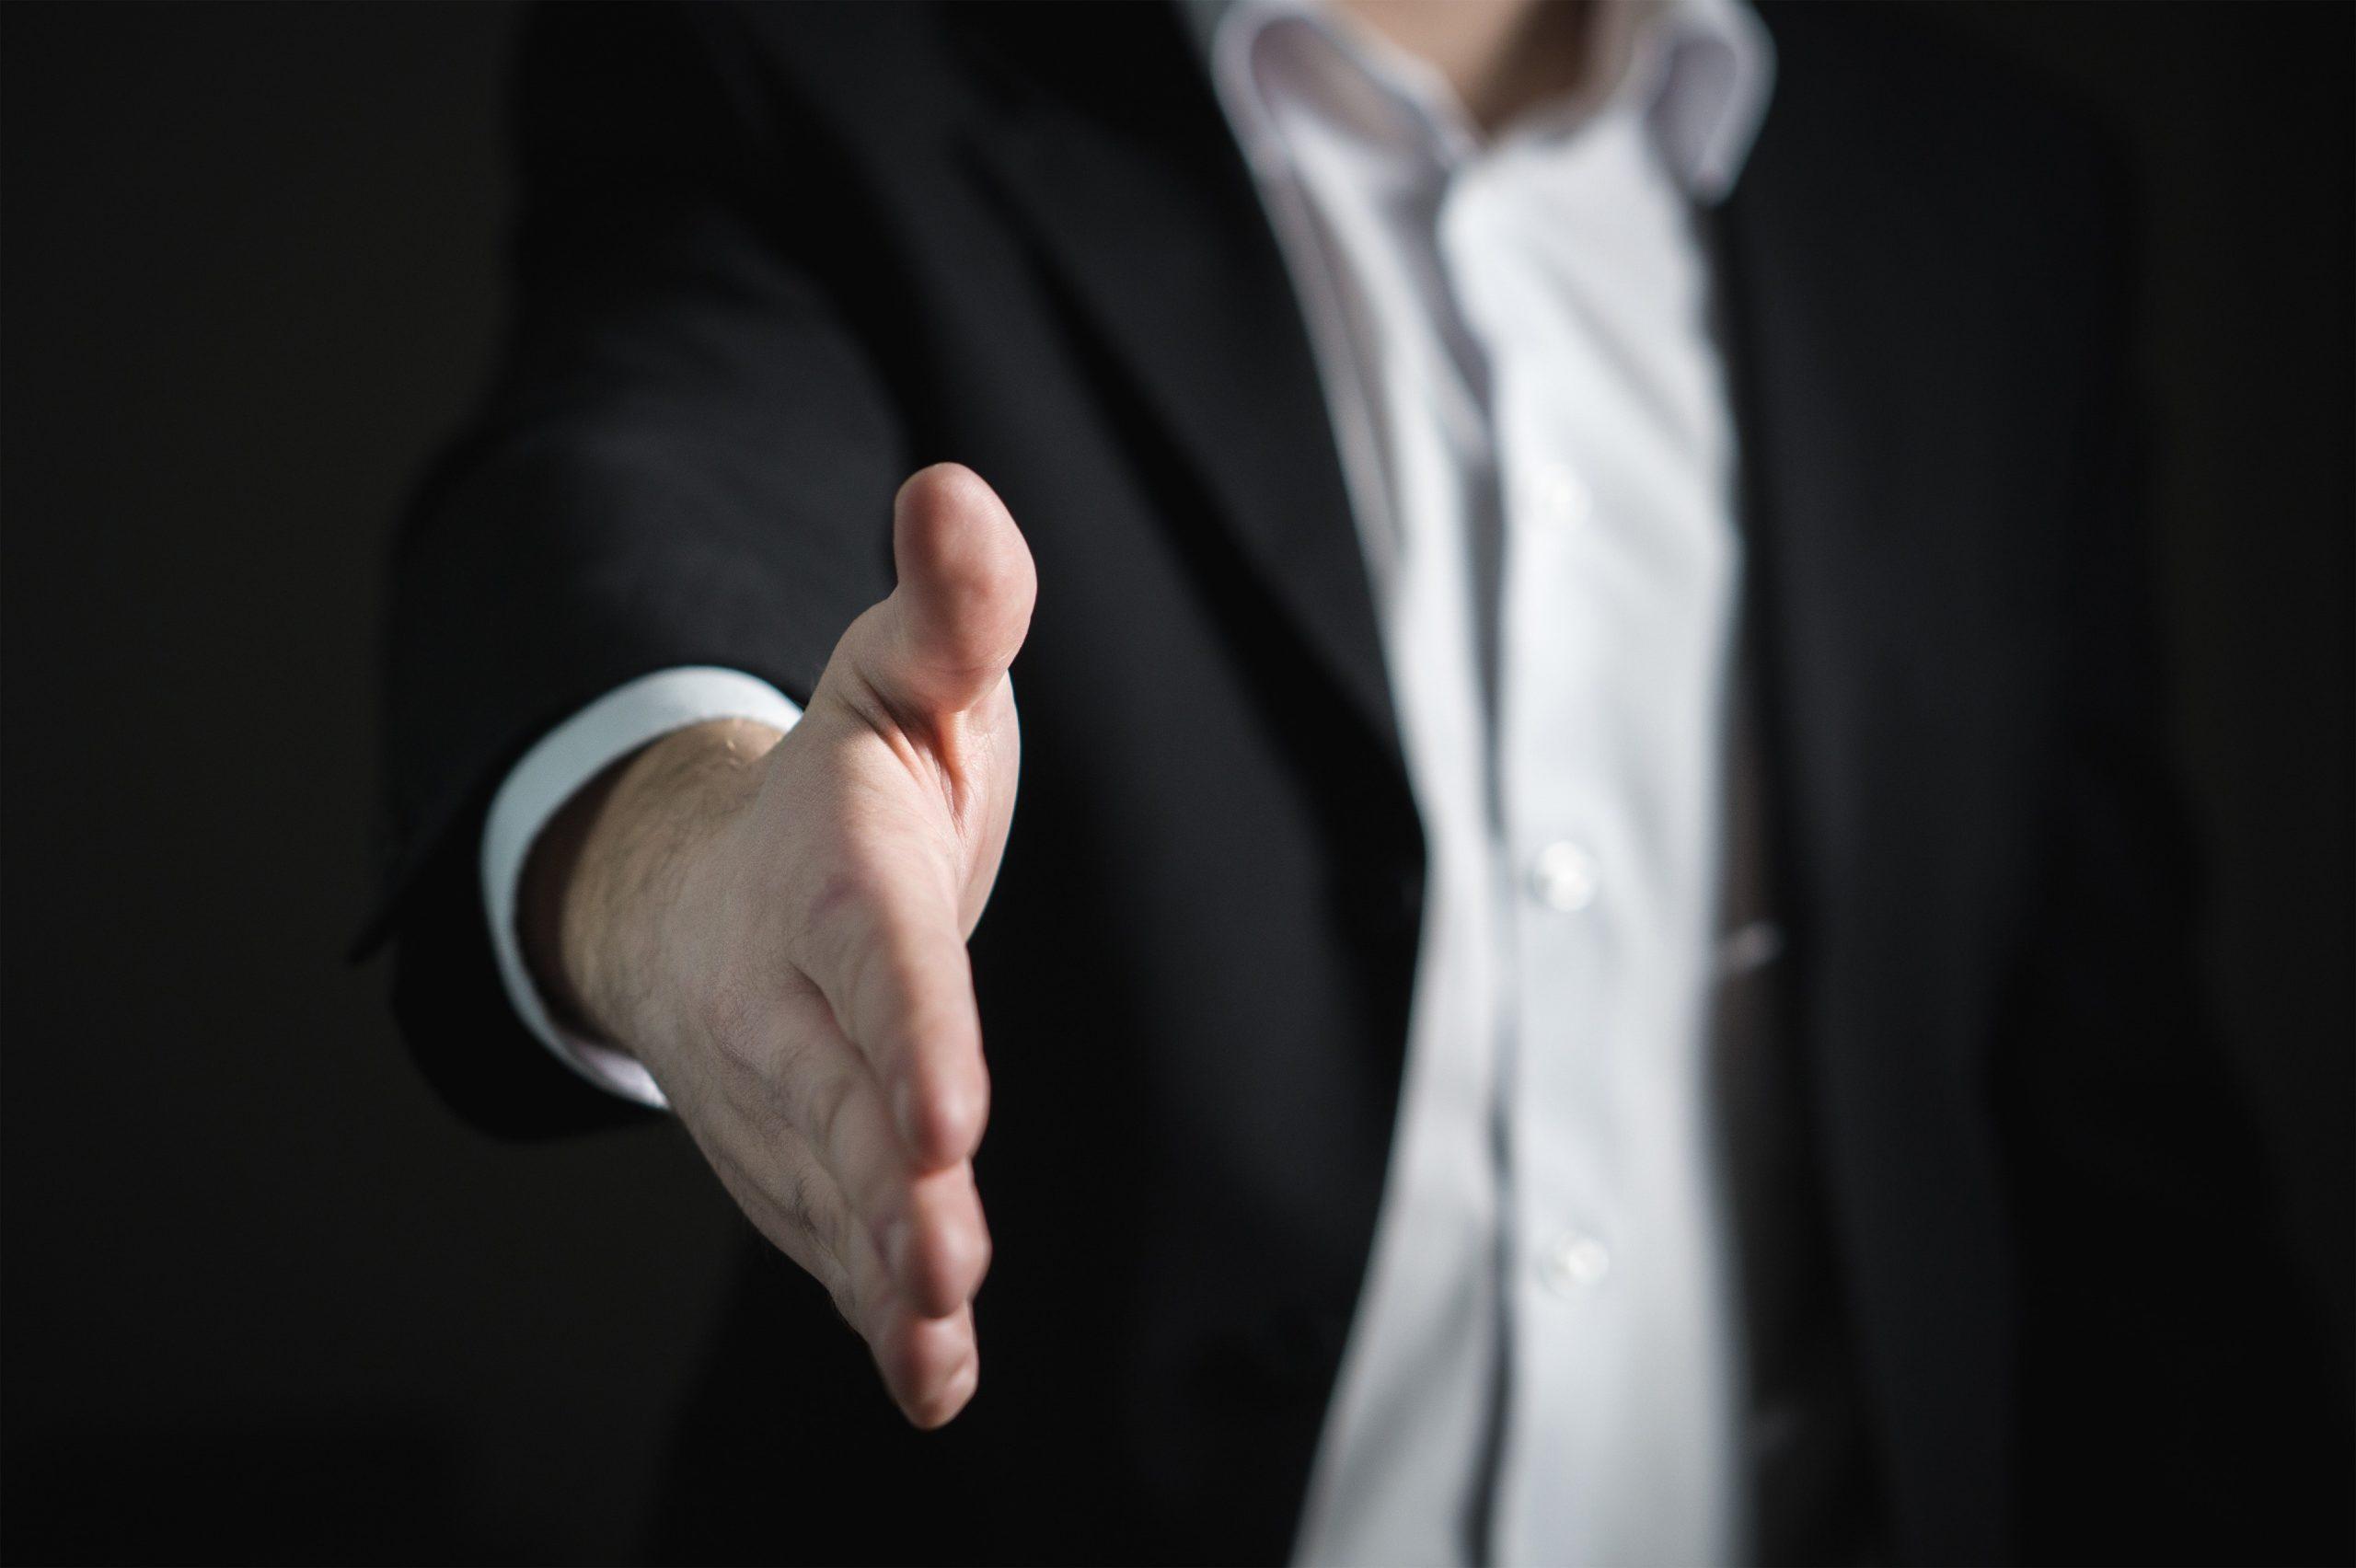 sales person image